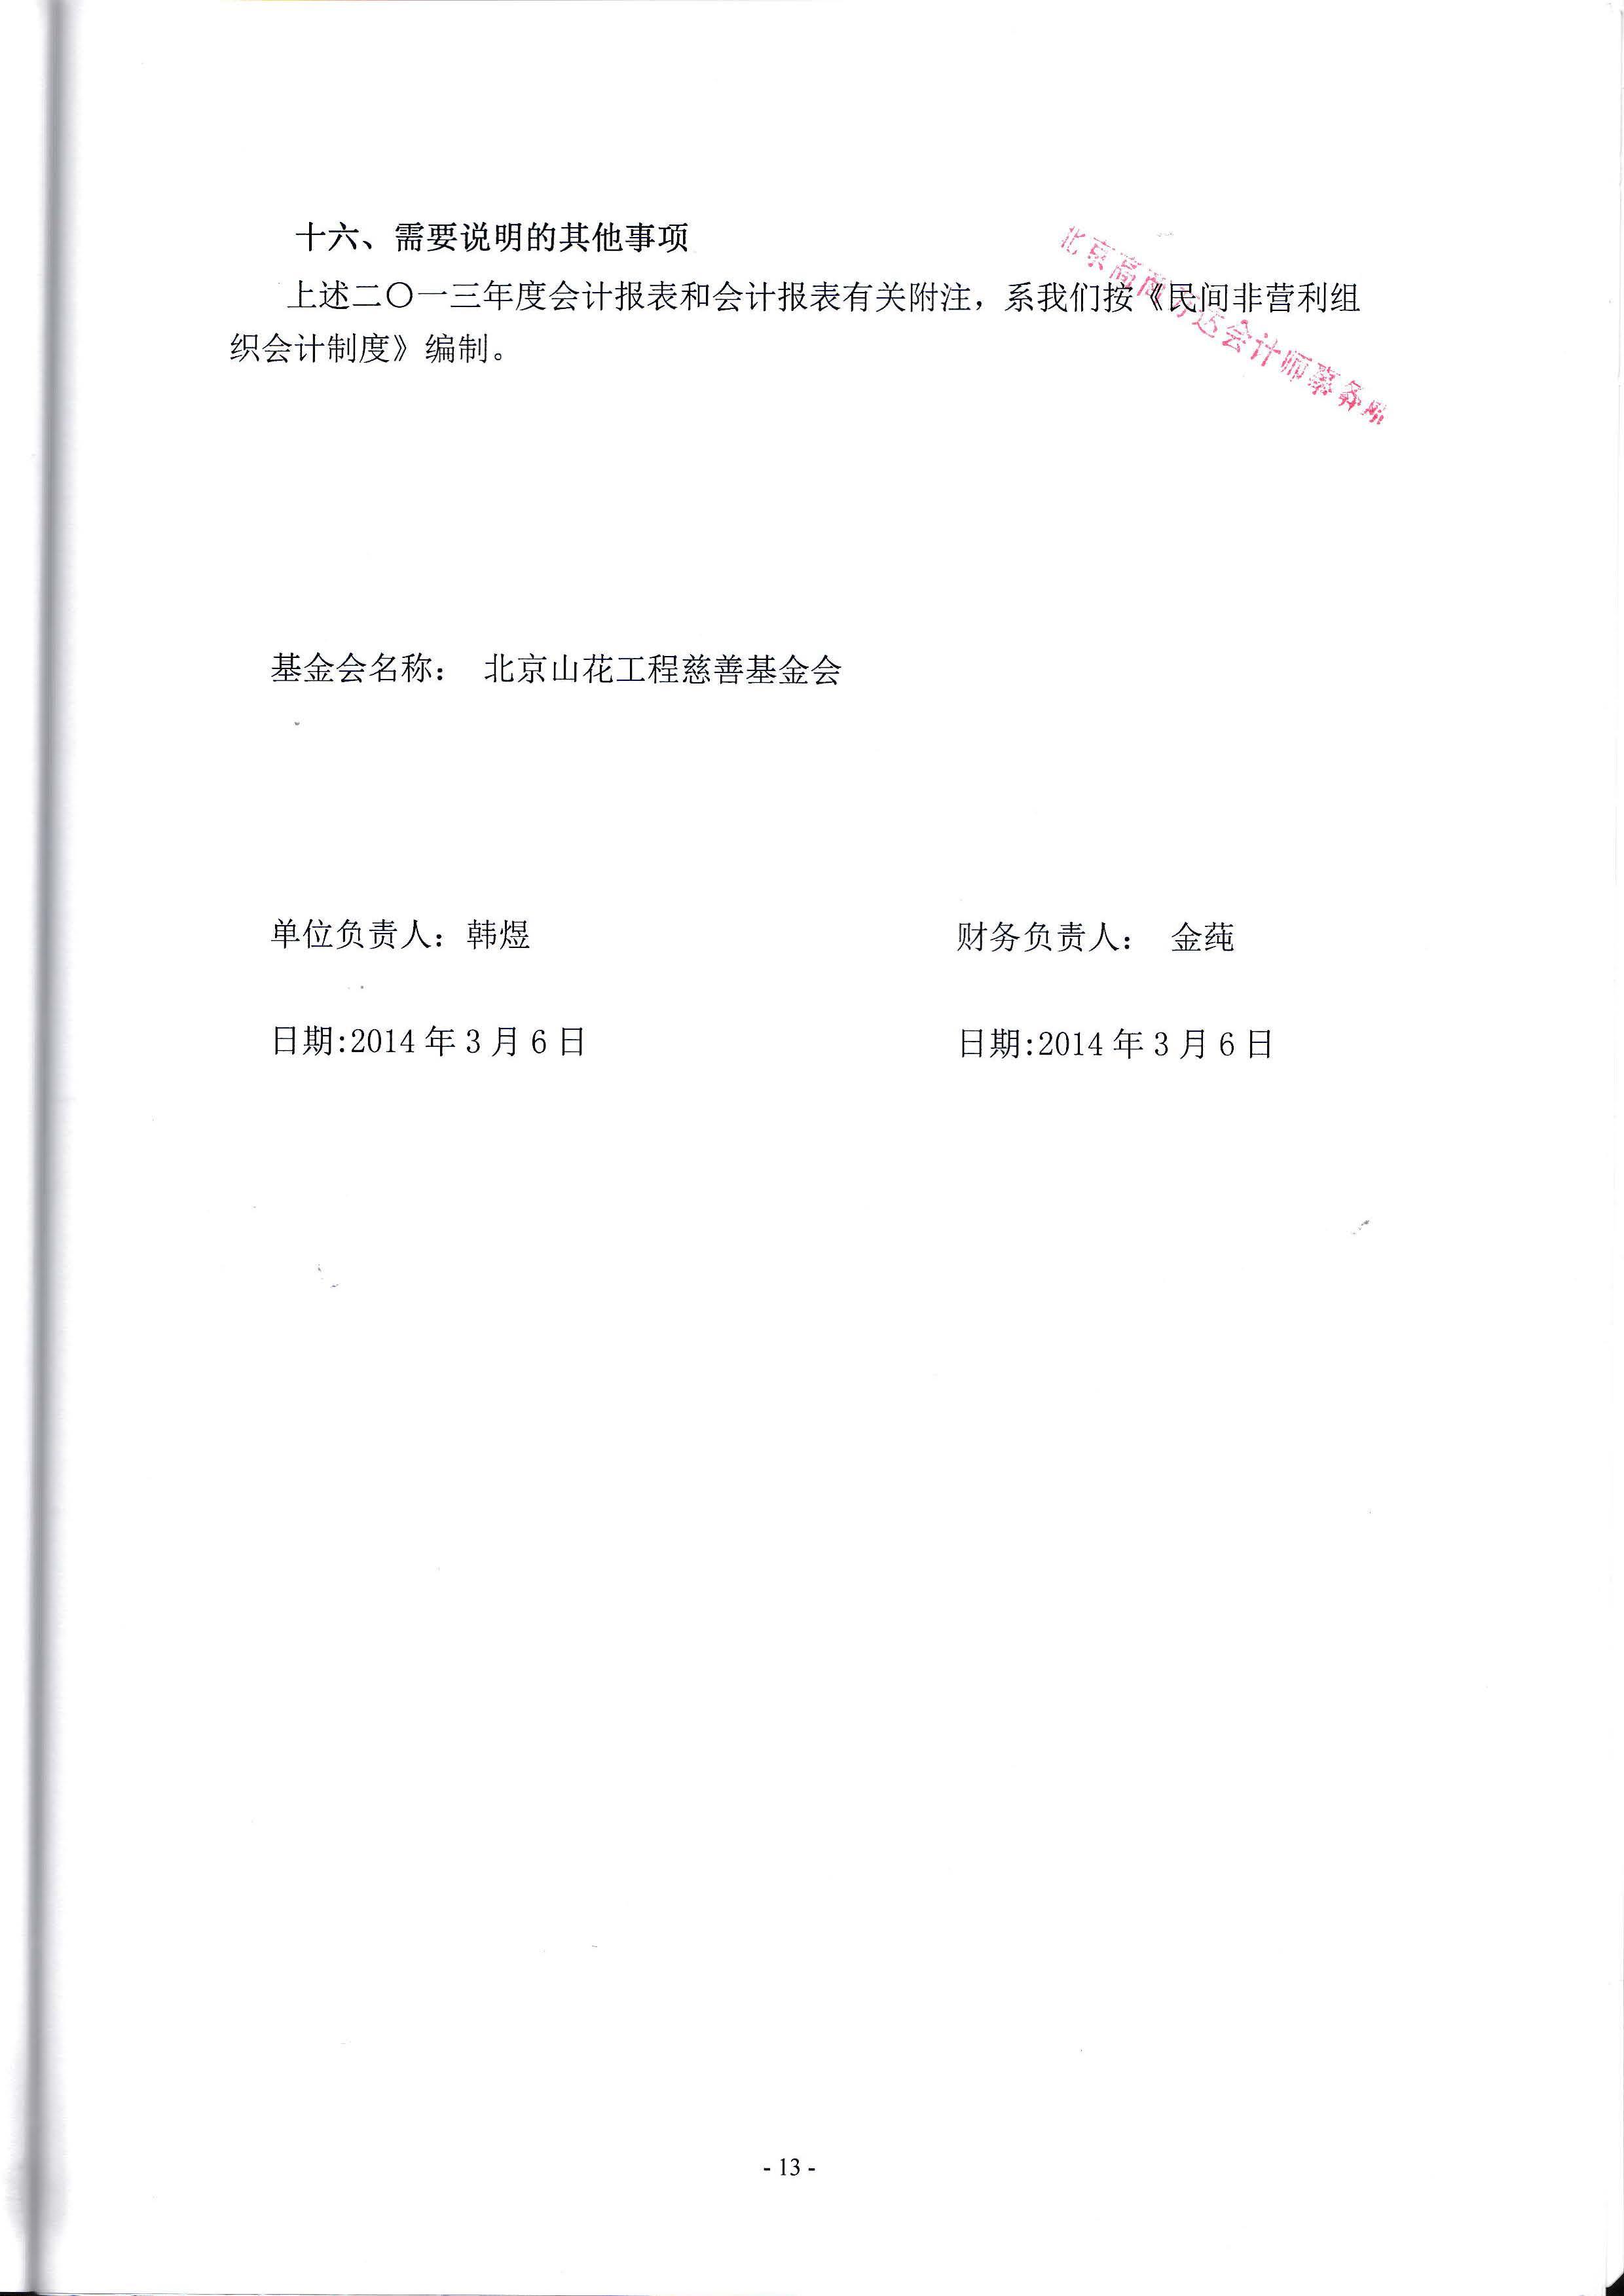 2013审计报告_页面_16